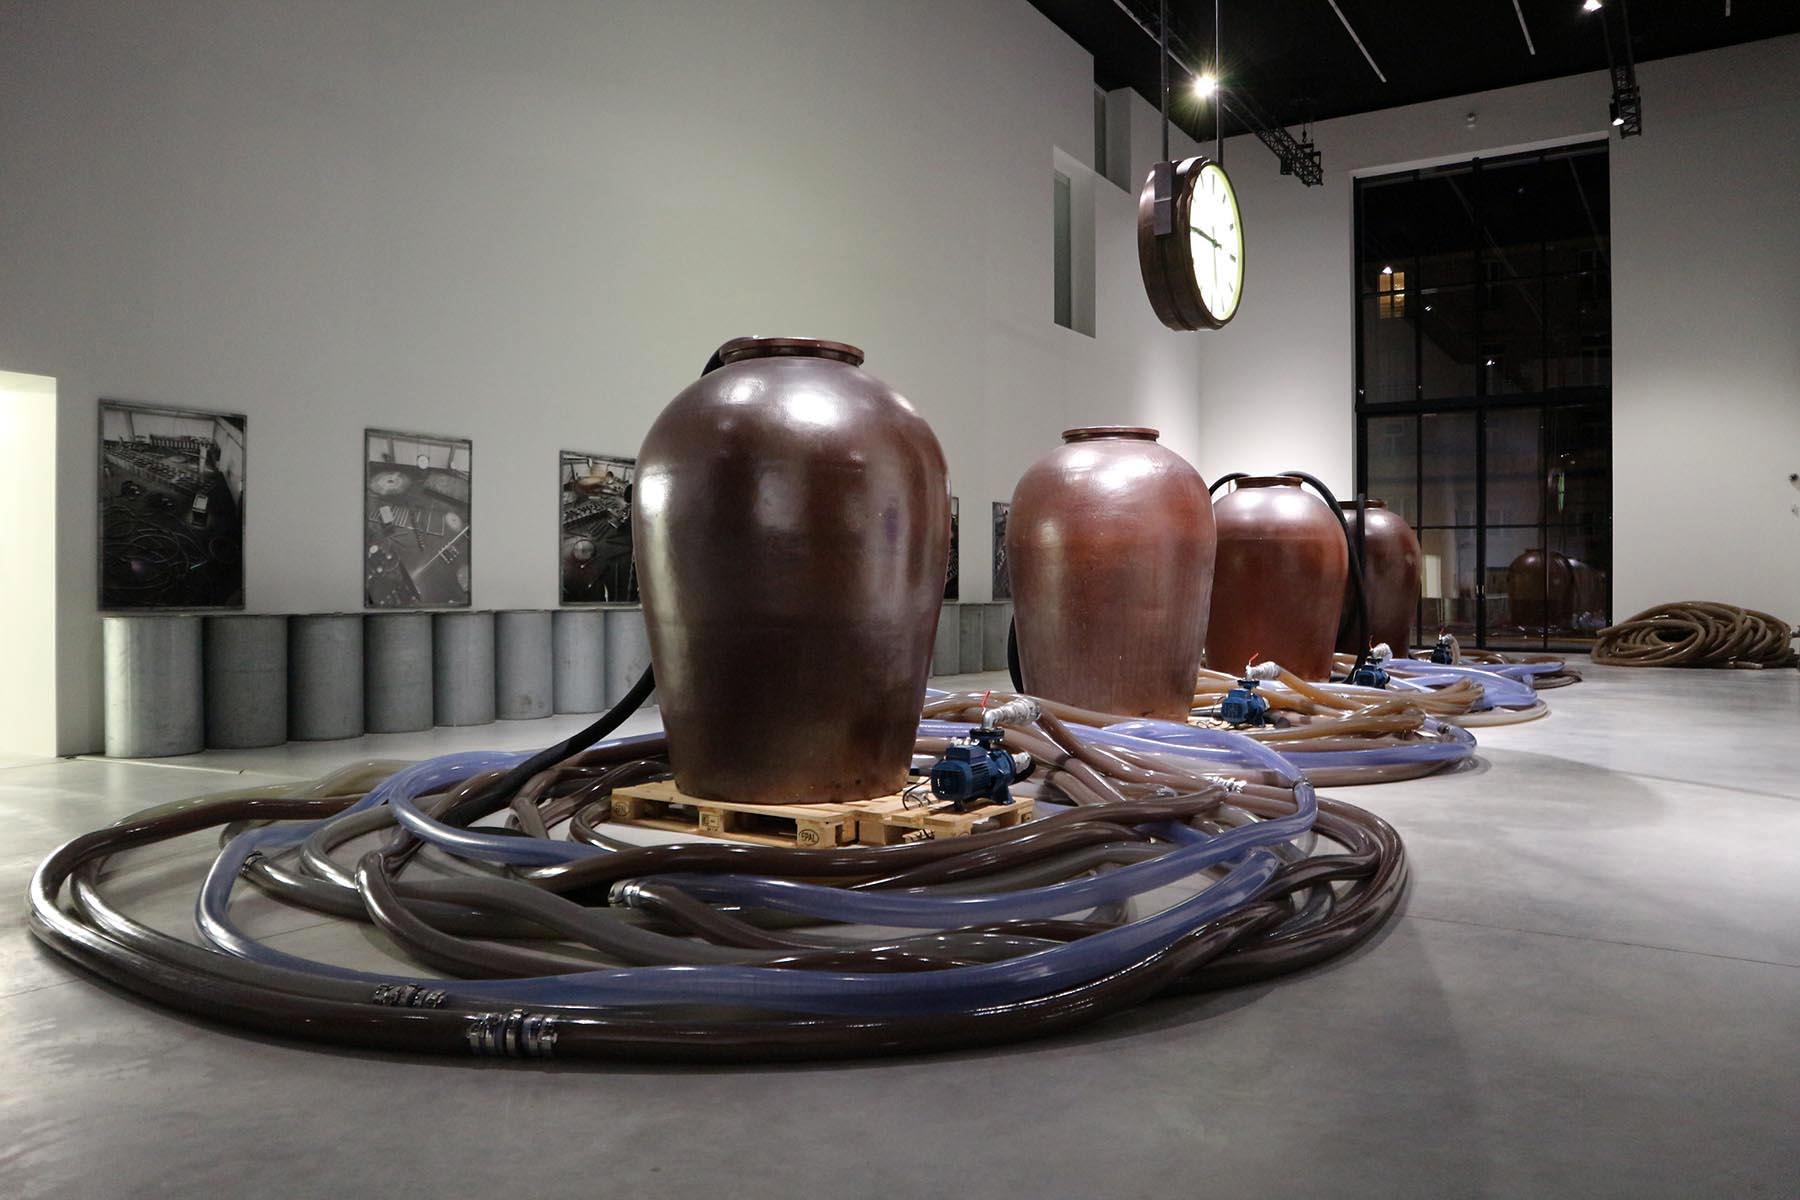 """Tours. In der großen Halle, der ehemaligen Kunstakademie, steht Rinkes Installation """"Instrumentarium"""", die in anderer Form bereits 1985 im Pariser Centre Pompidou zu sehen war. Uhren spielen in seinen Arbeiten eine wiederkehrende Rolle."""